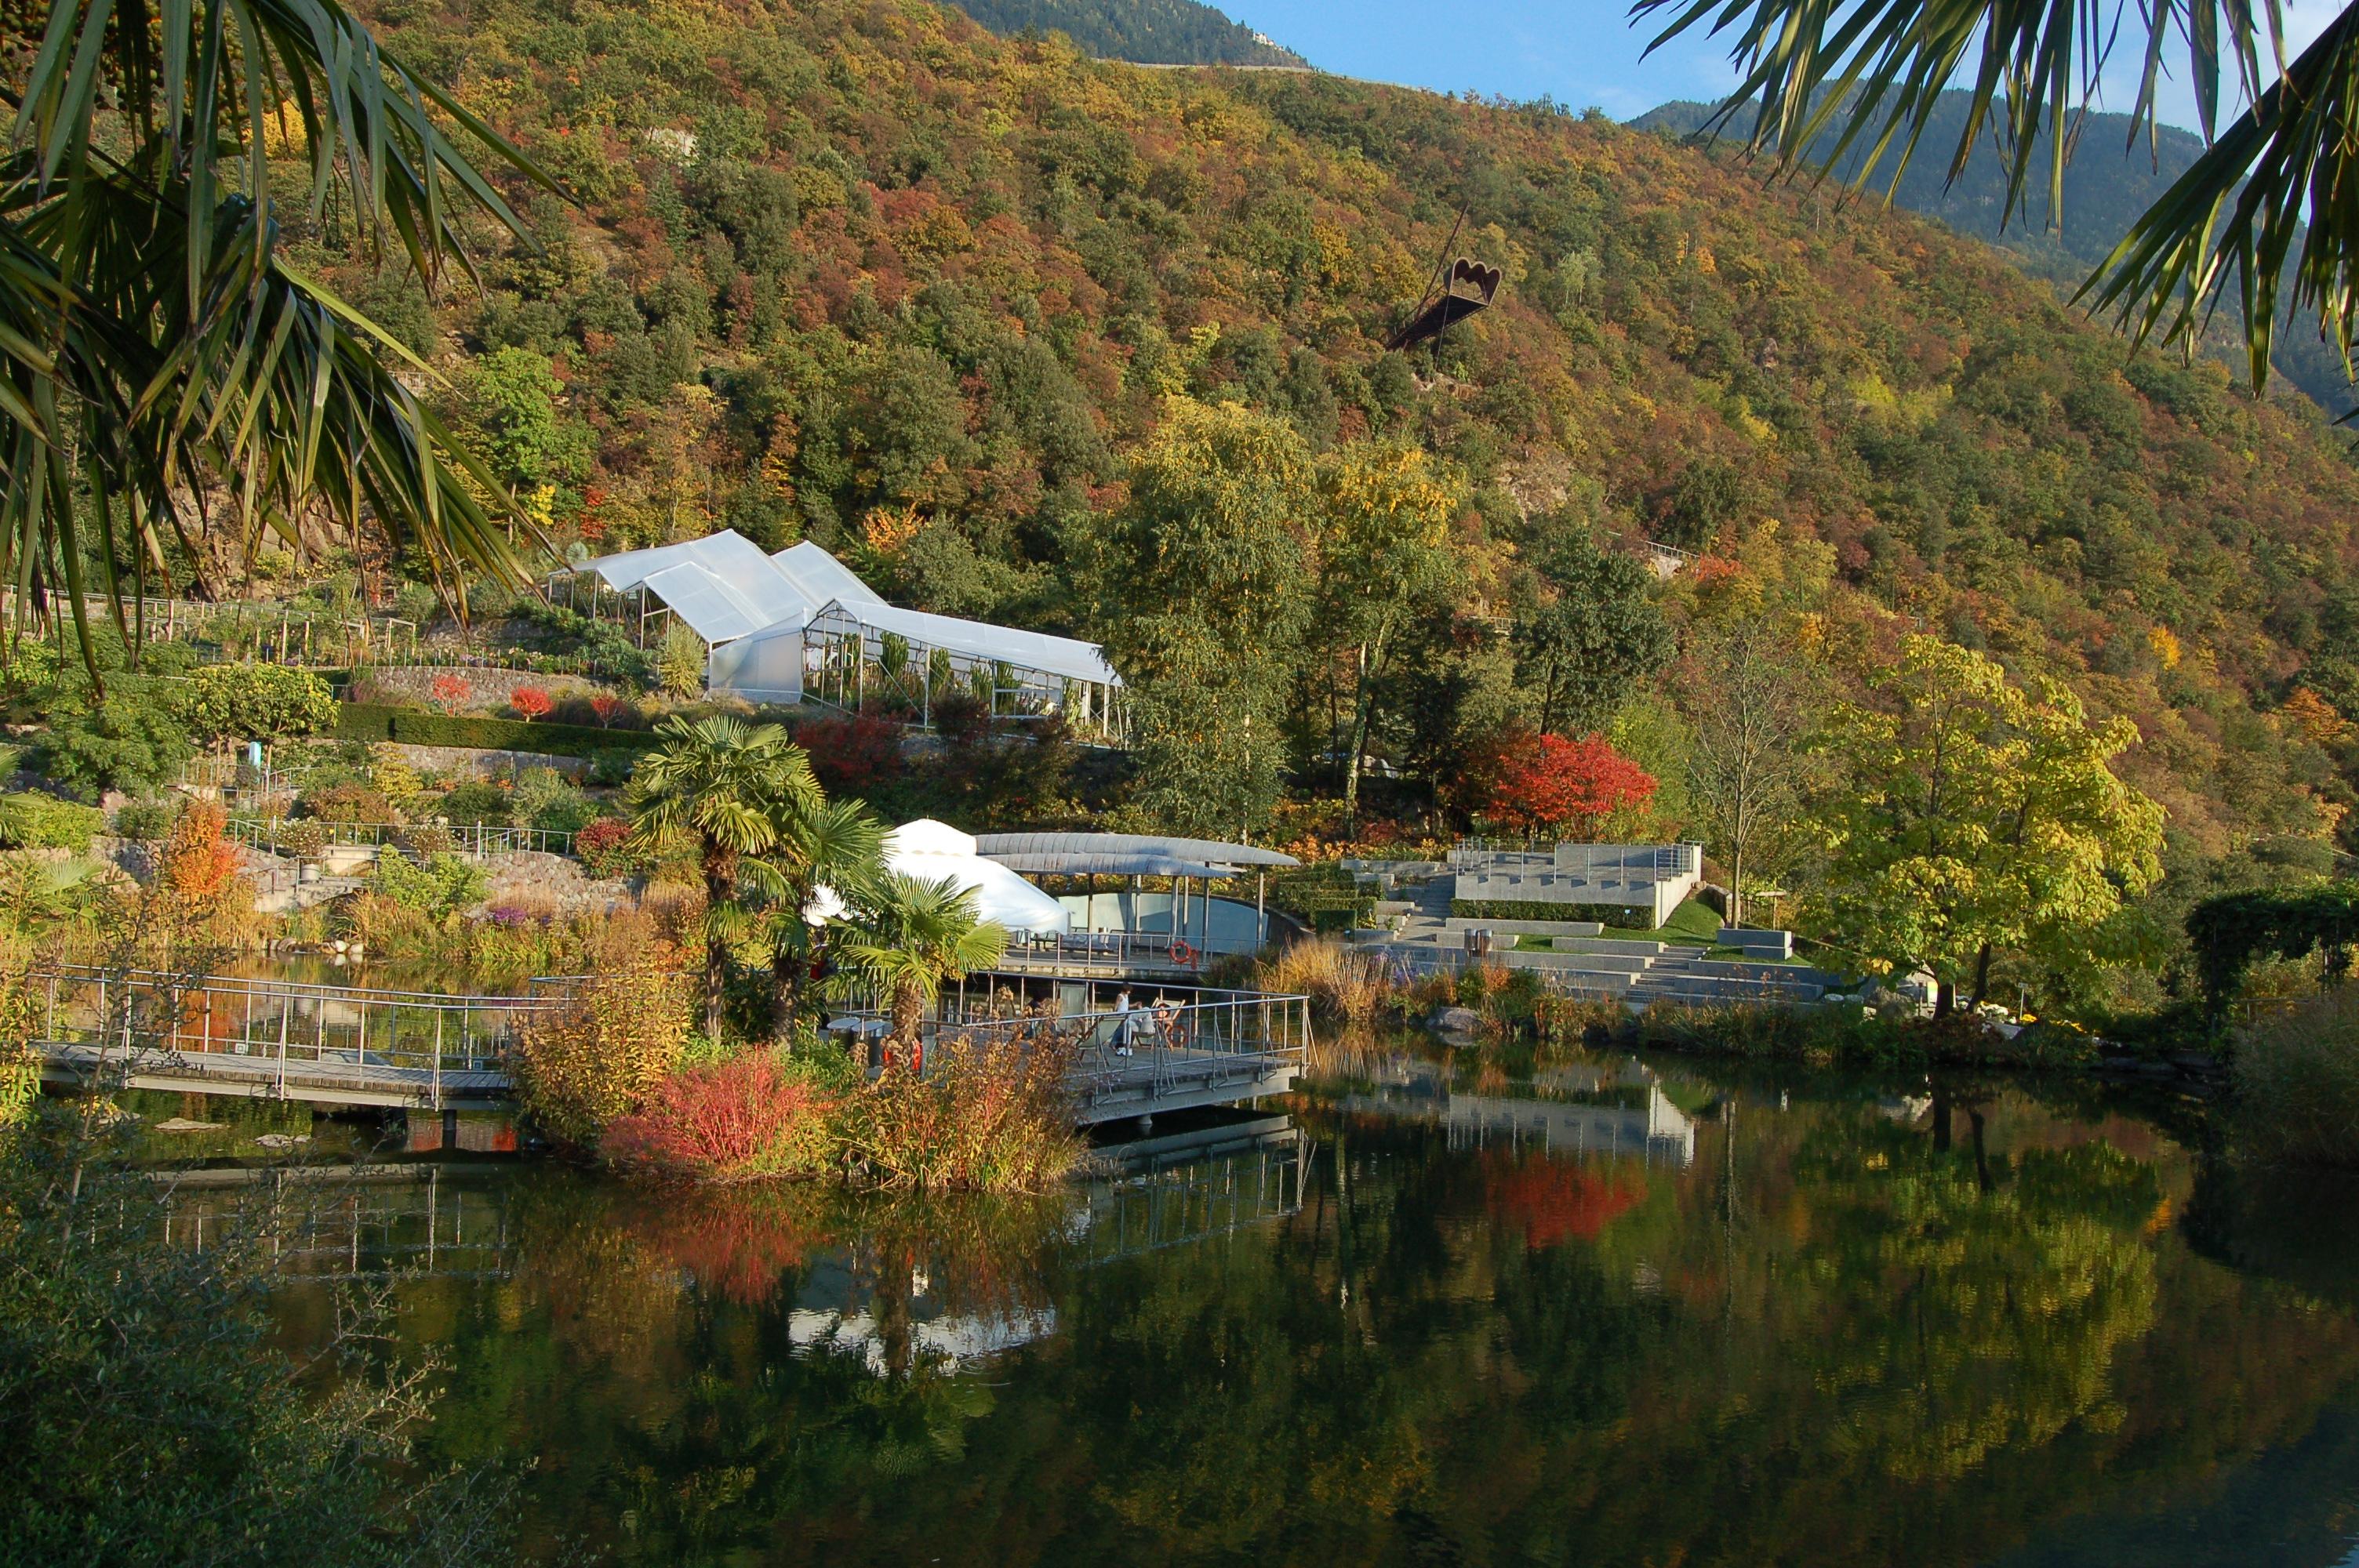 laghetto-delle-ninfee-ai-giardini-di-sissi-in-autunno